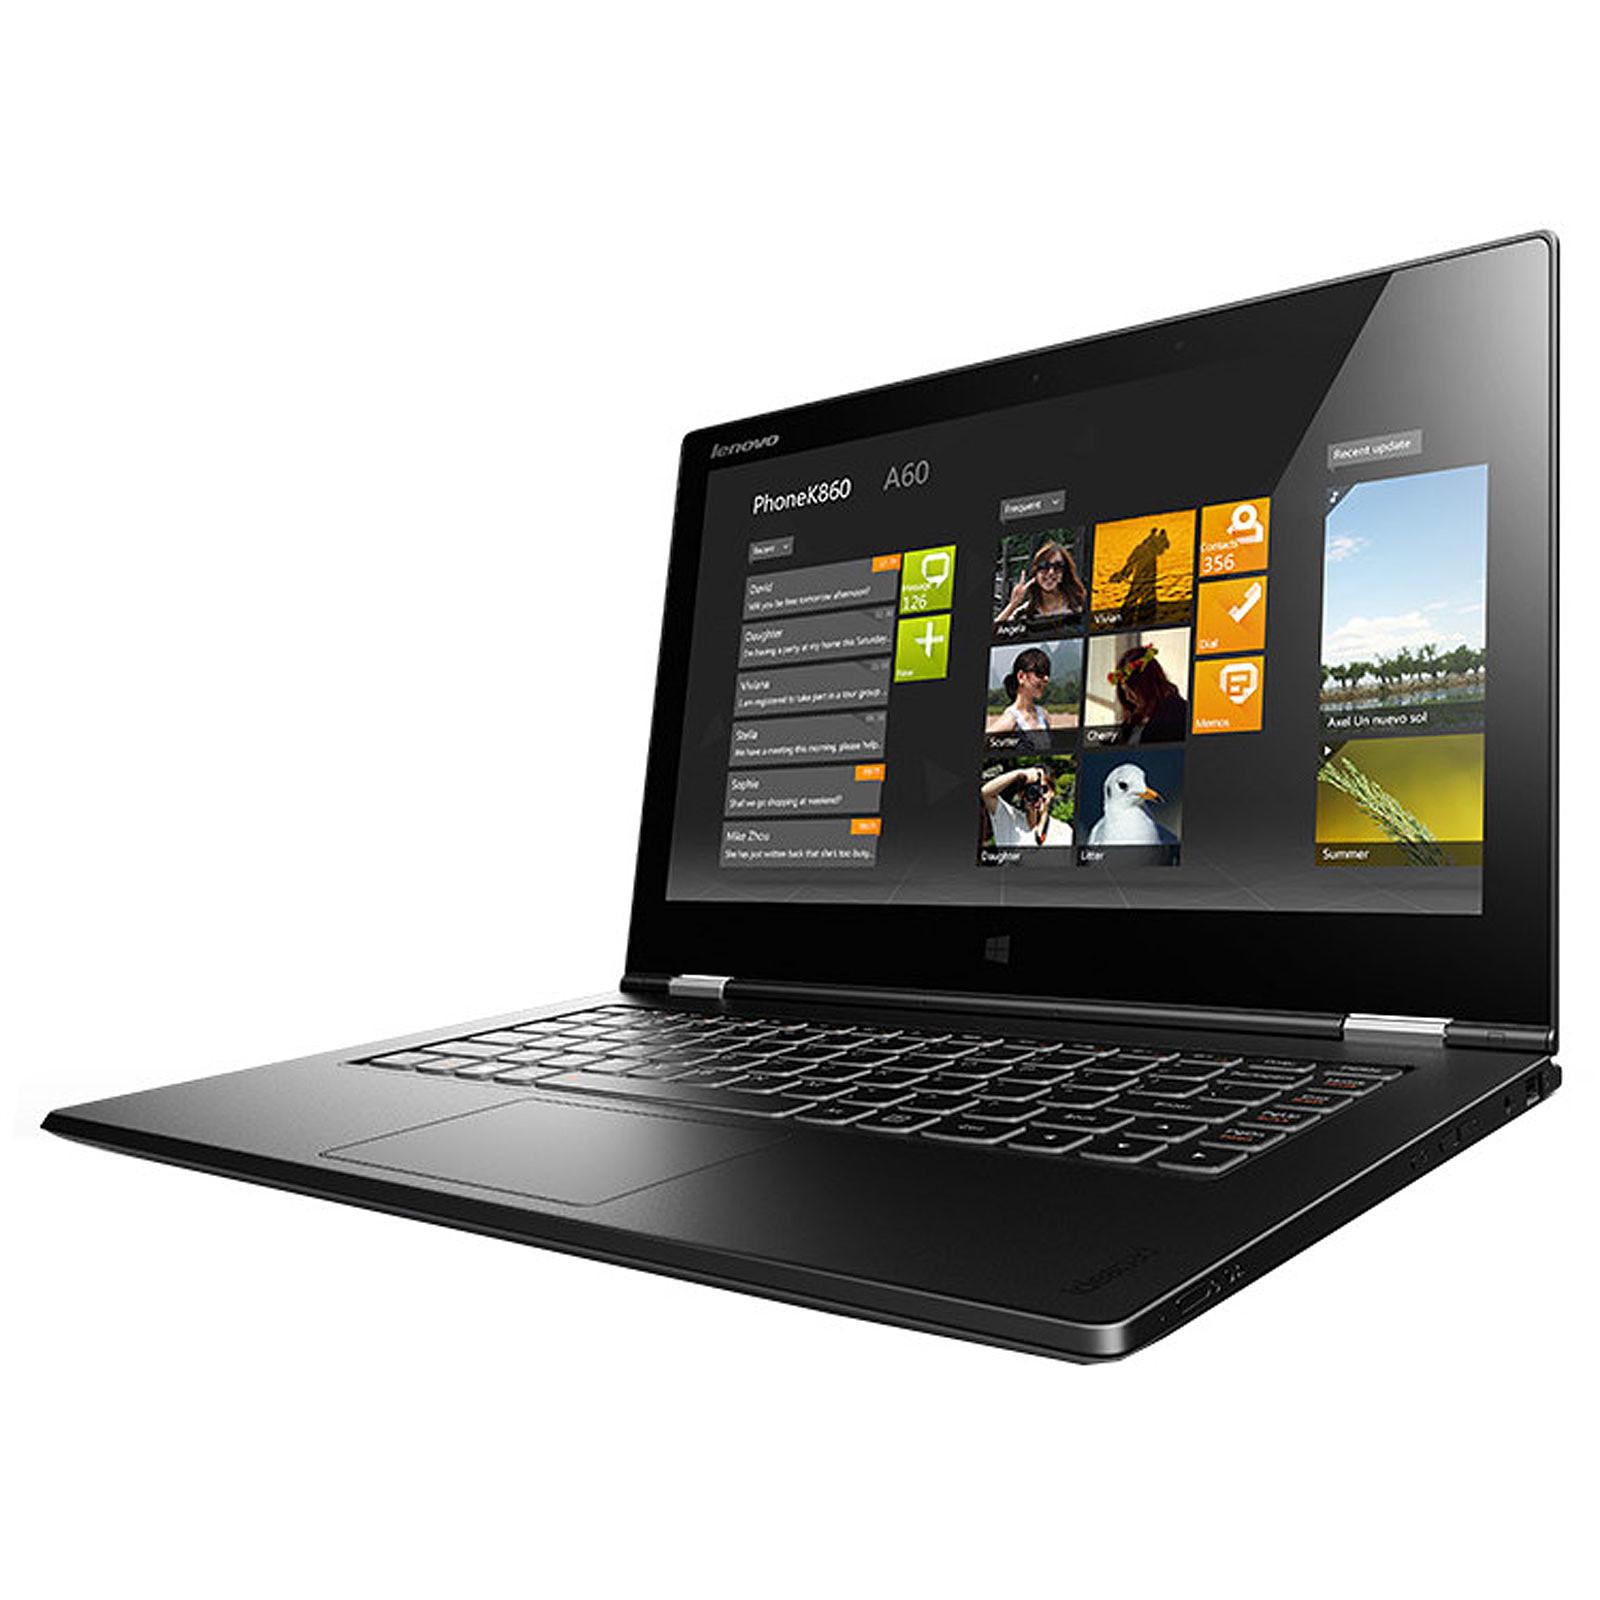 Lenovo Yoga 2 Pro Gris (59419064)